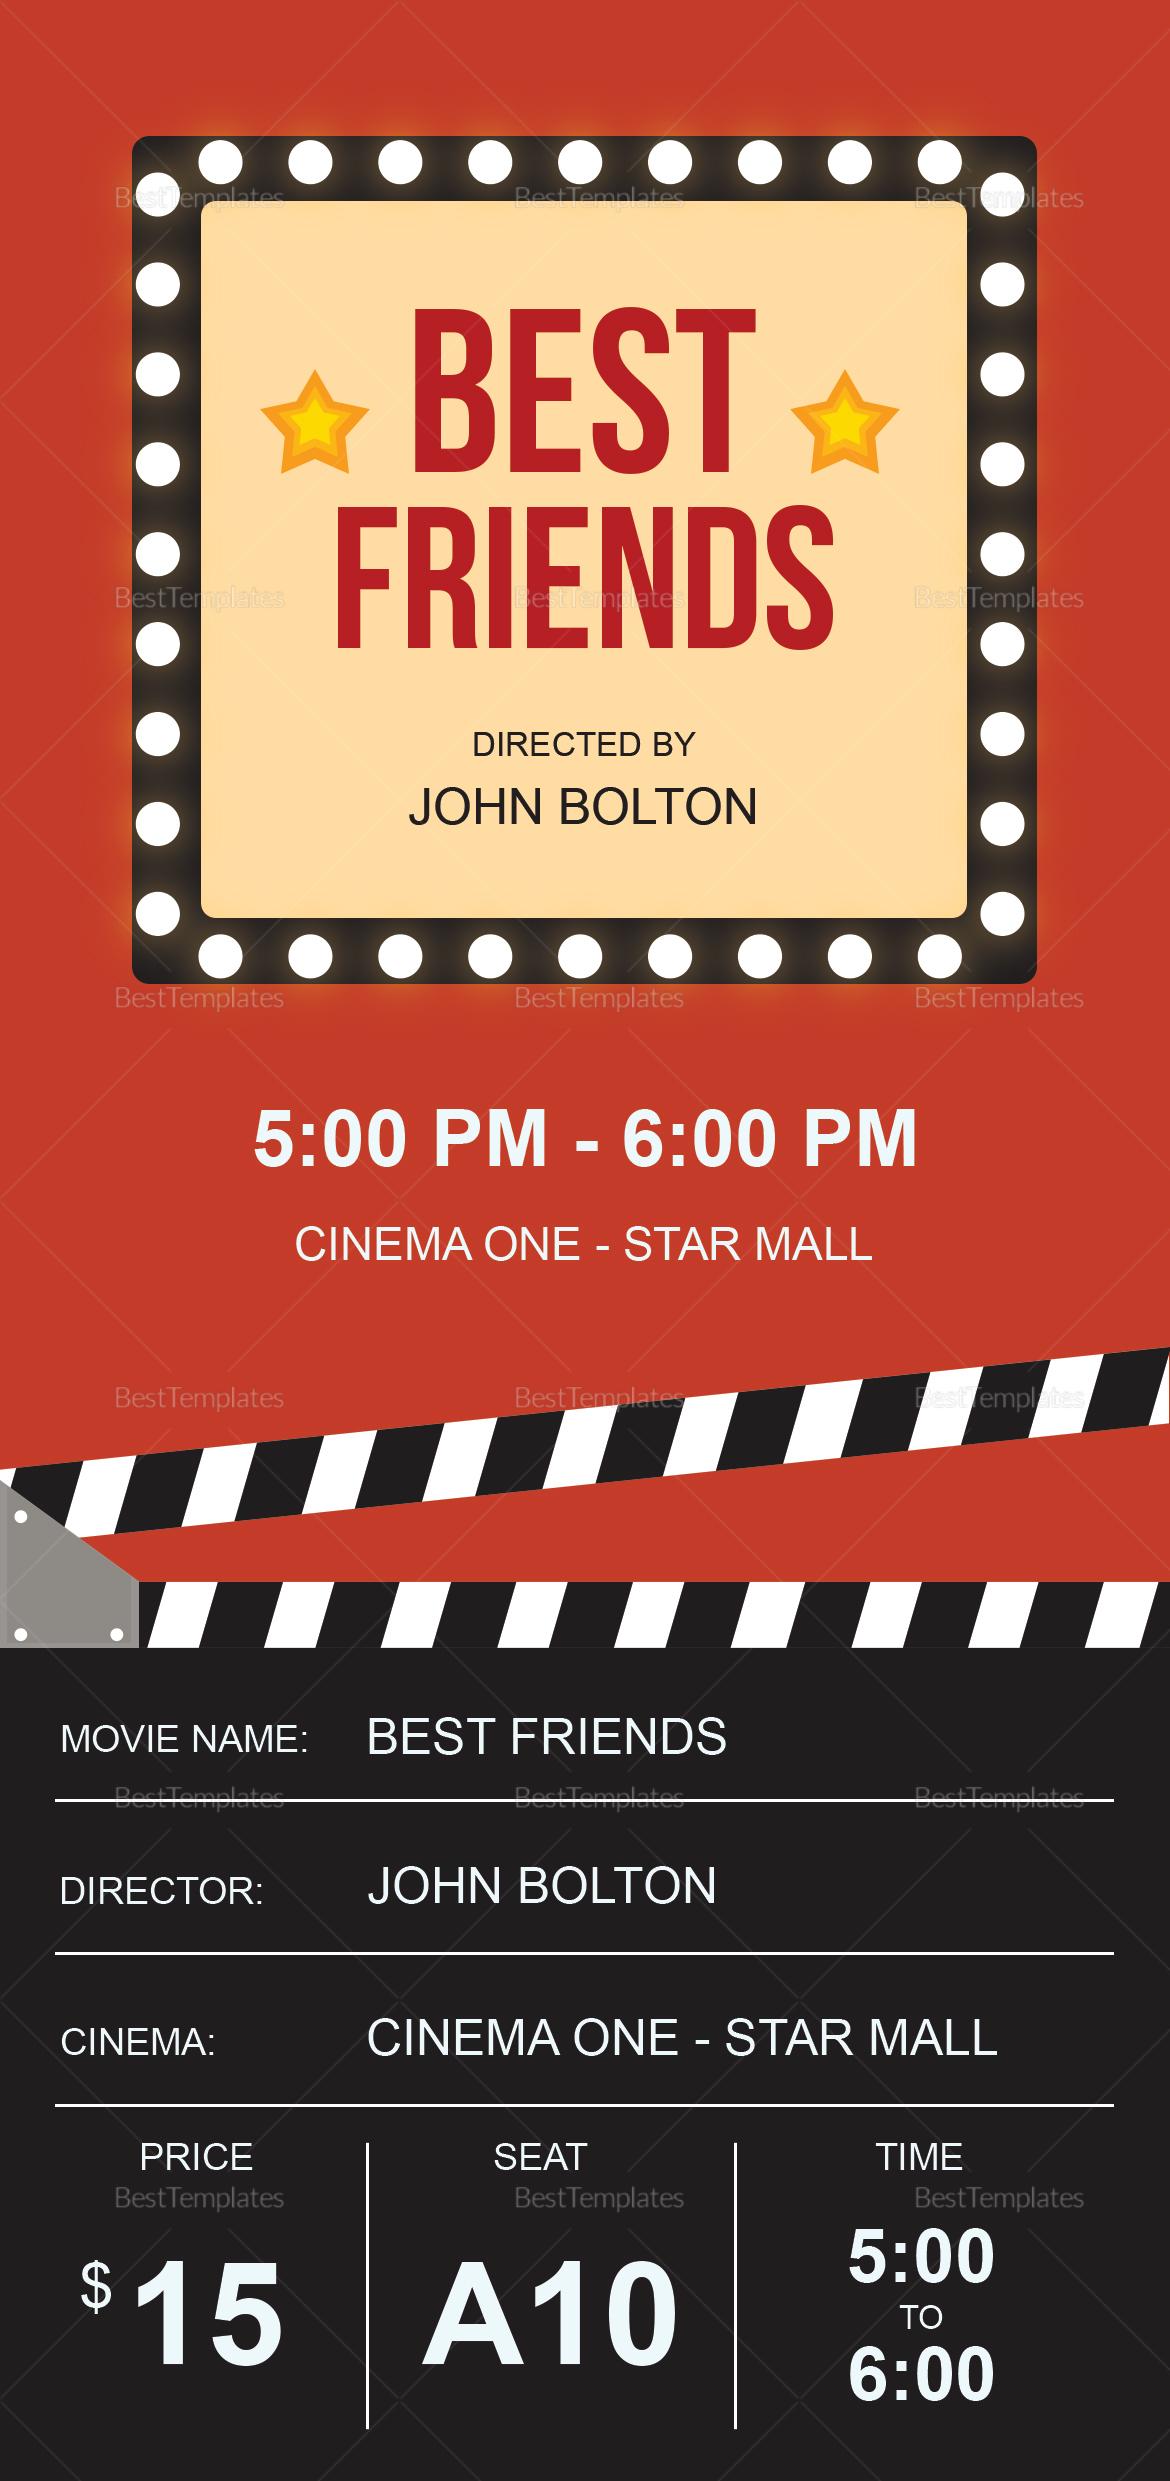 Movie Ticket to Edit